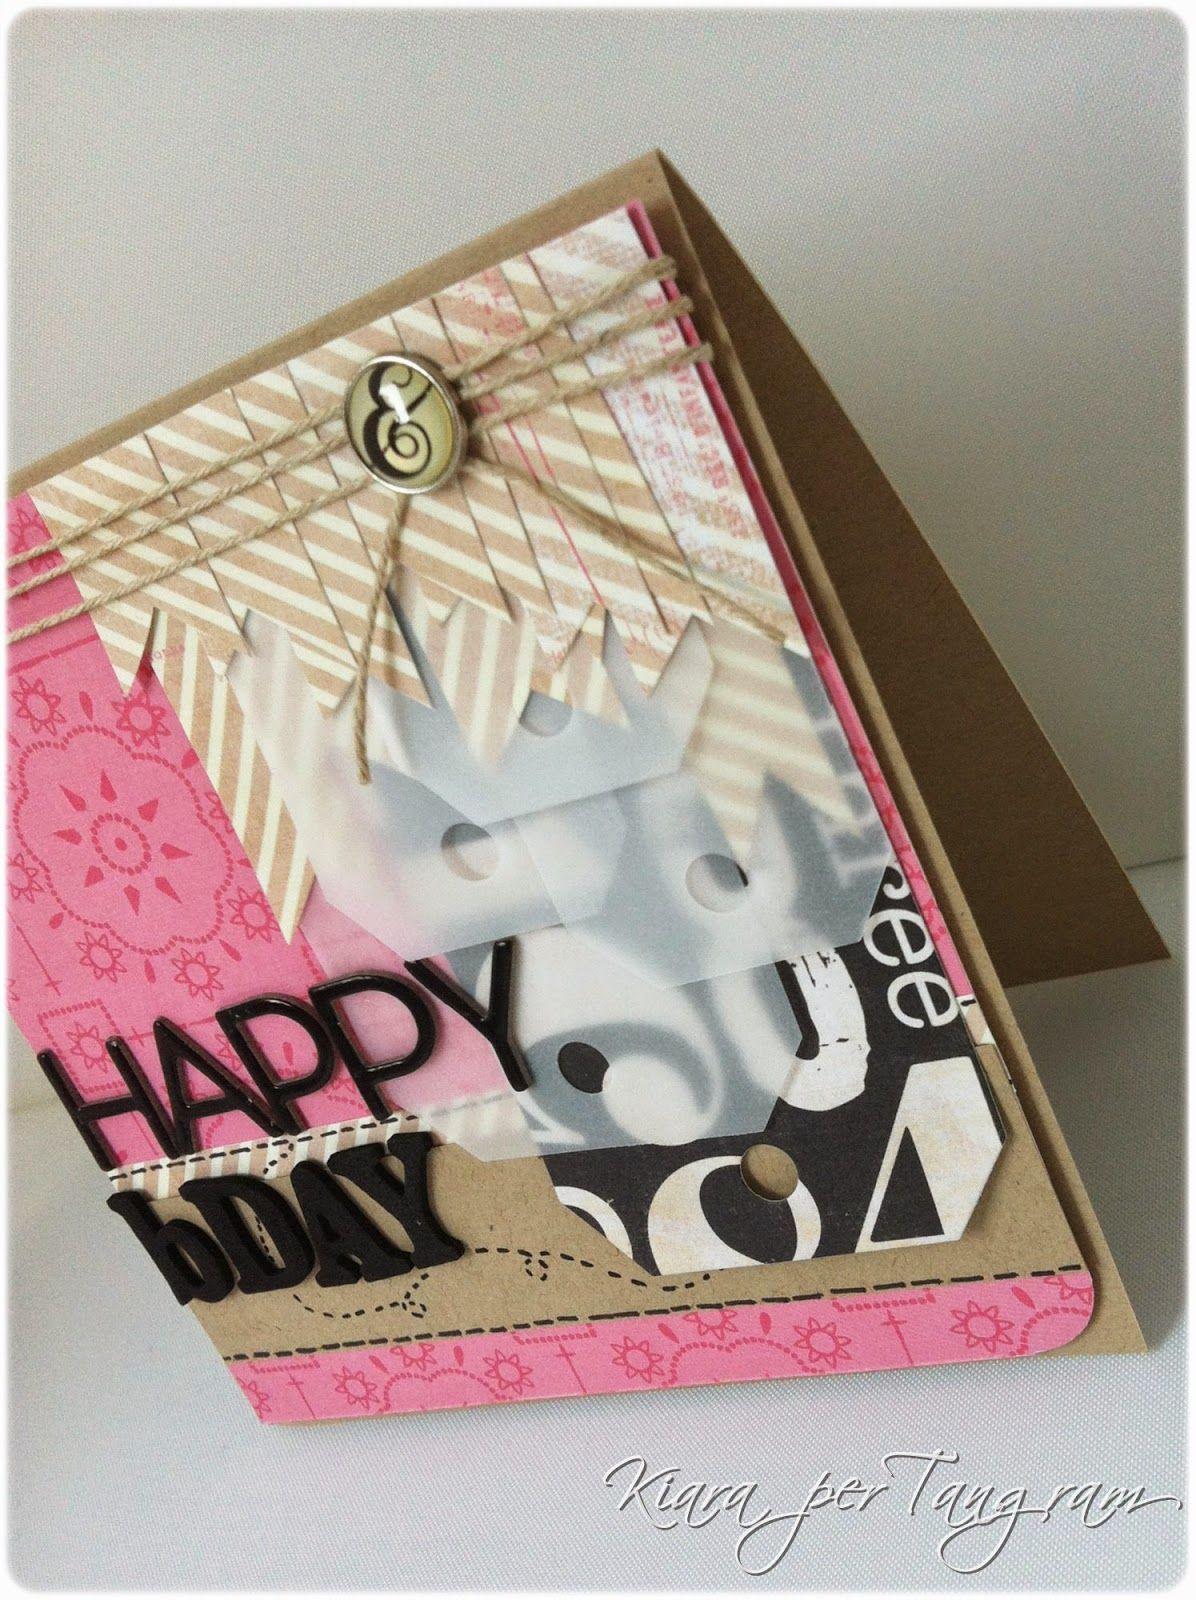 dt Tangram Verona: KIARA per TANGRAM CARD HAPPY BDAY http://creazionidikiara.blogspot.it/2014/10/card-happy-bday.html